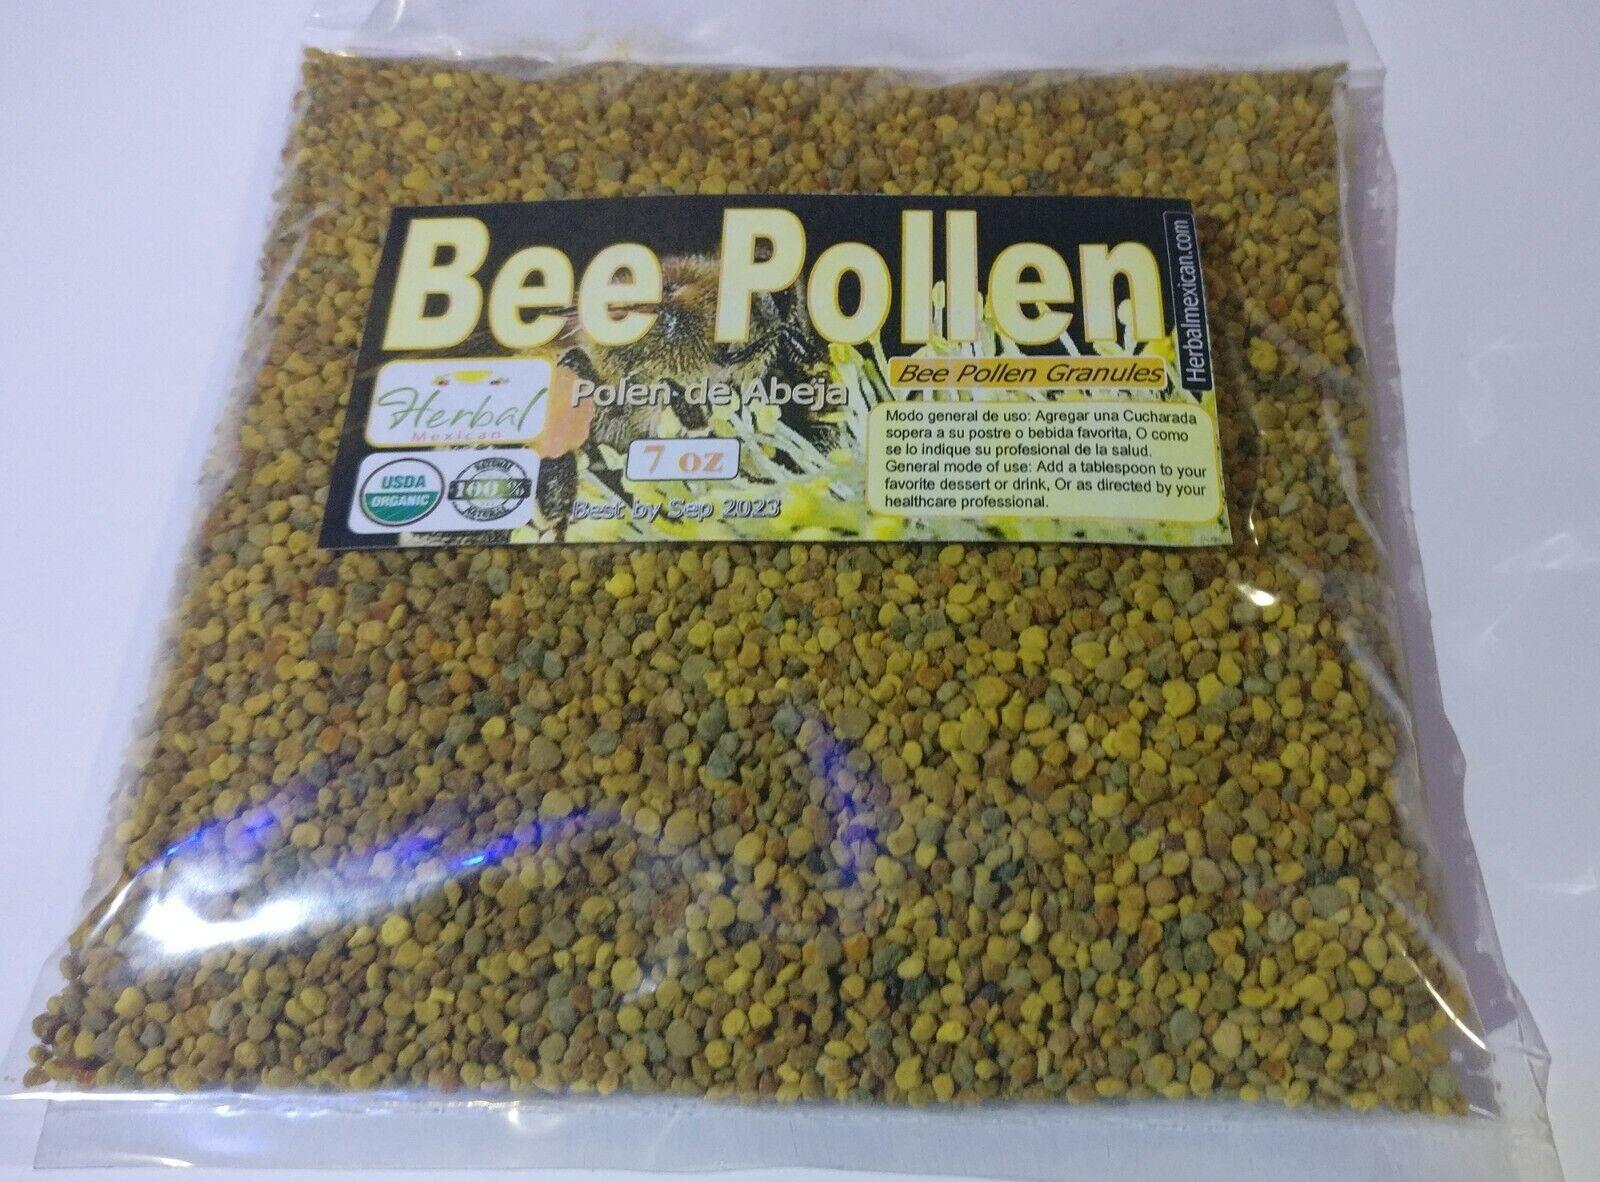 Polen de Abeja, Bee pollen, Bee pollen Granules, Natural Bee pollen, Pure Pollen 2